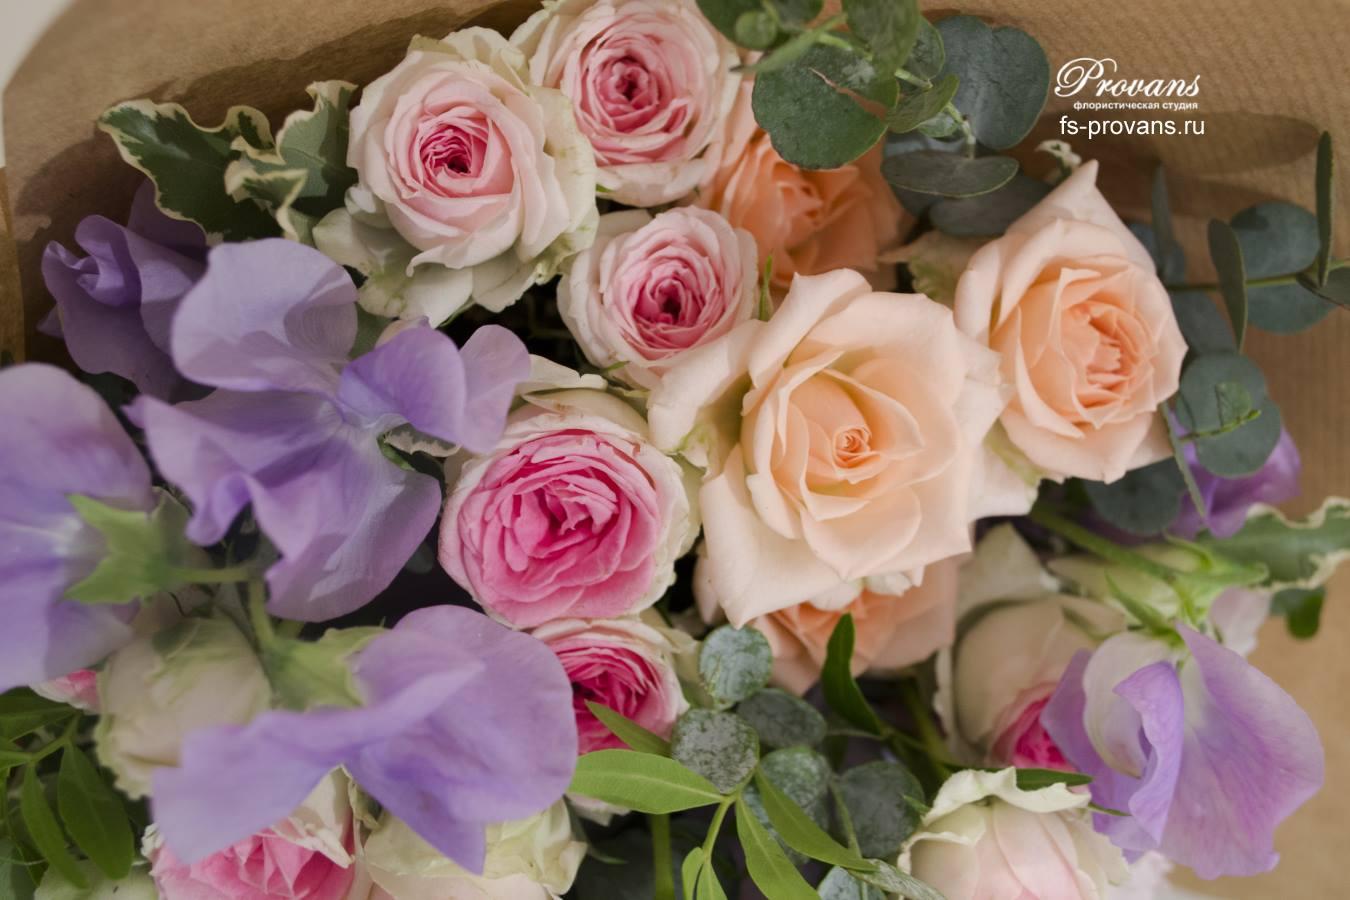 Букет-комплимент. Роза, пион, душистый горошек